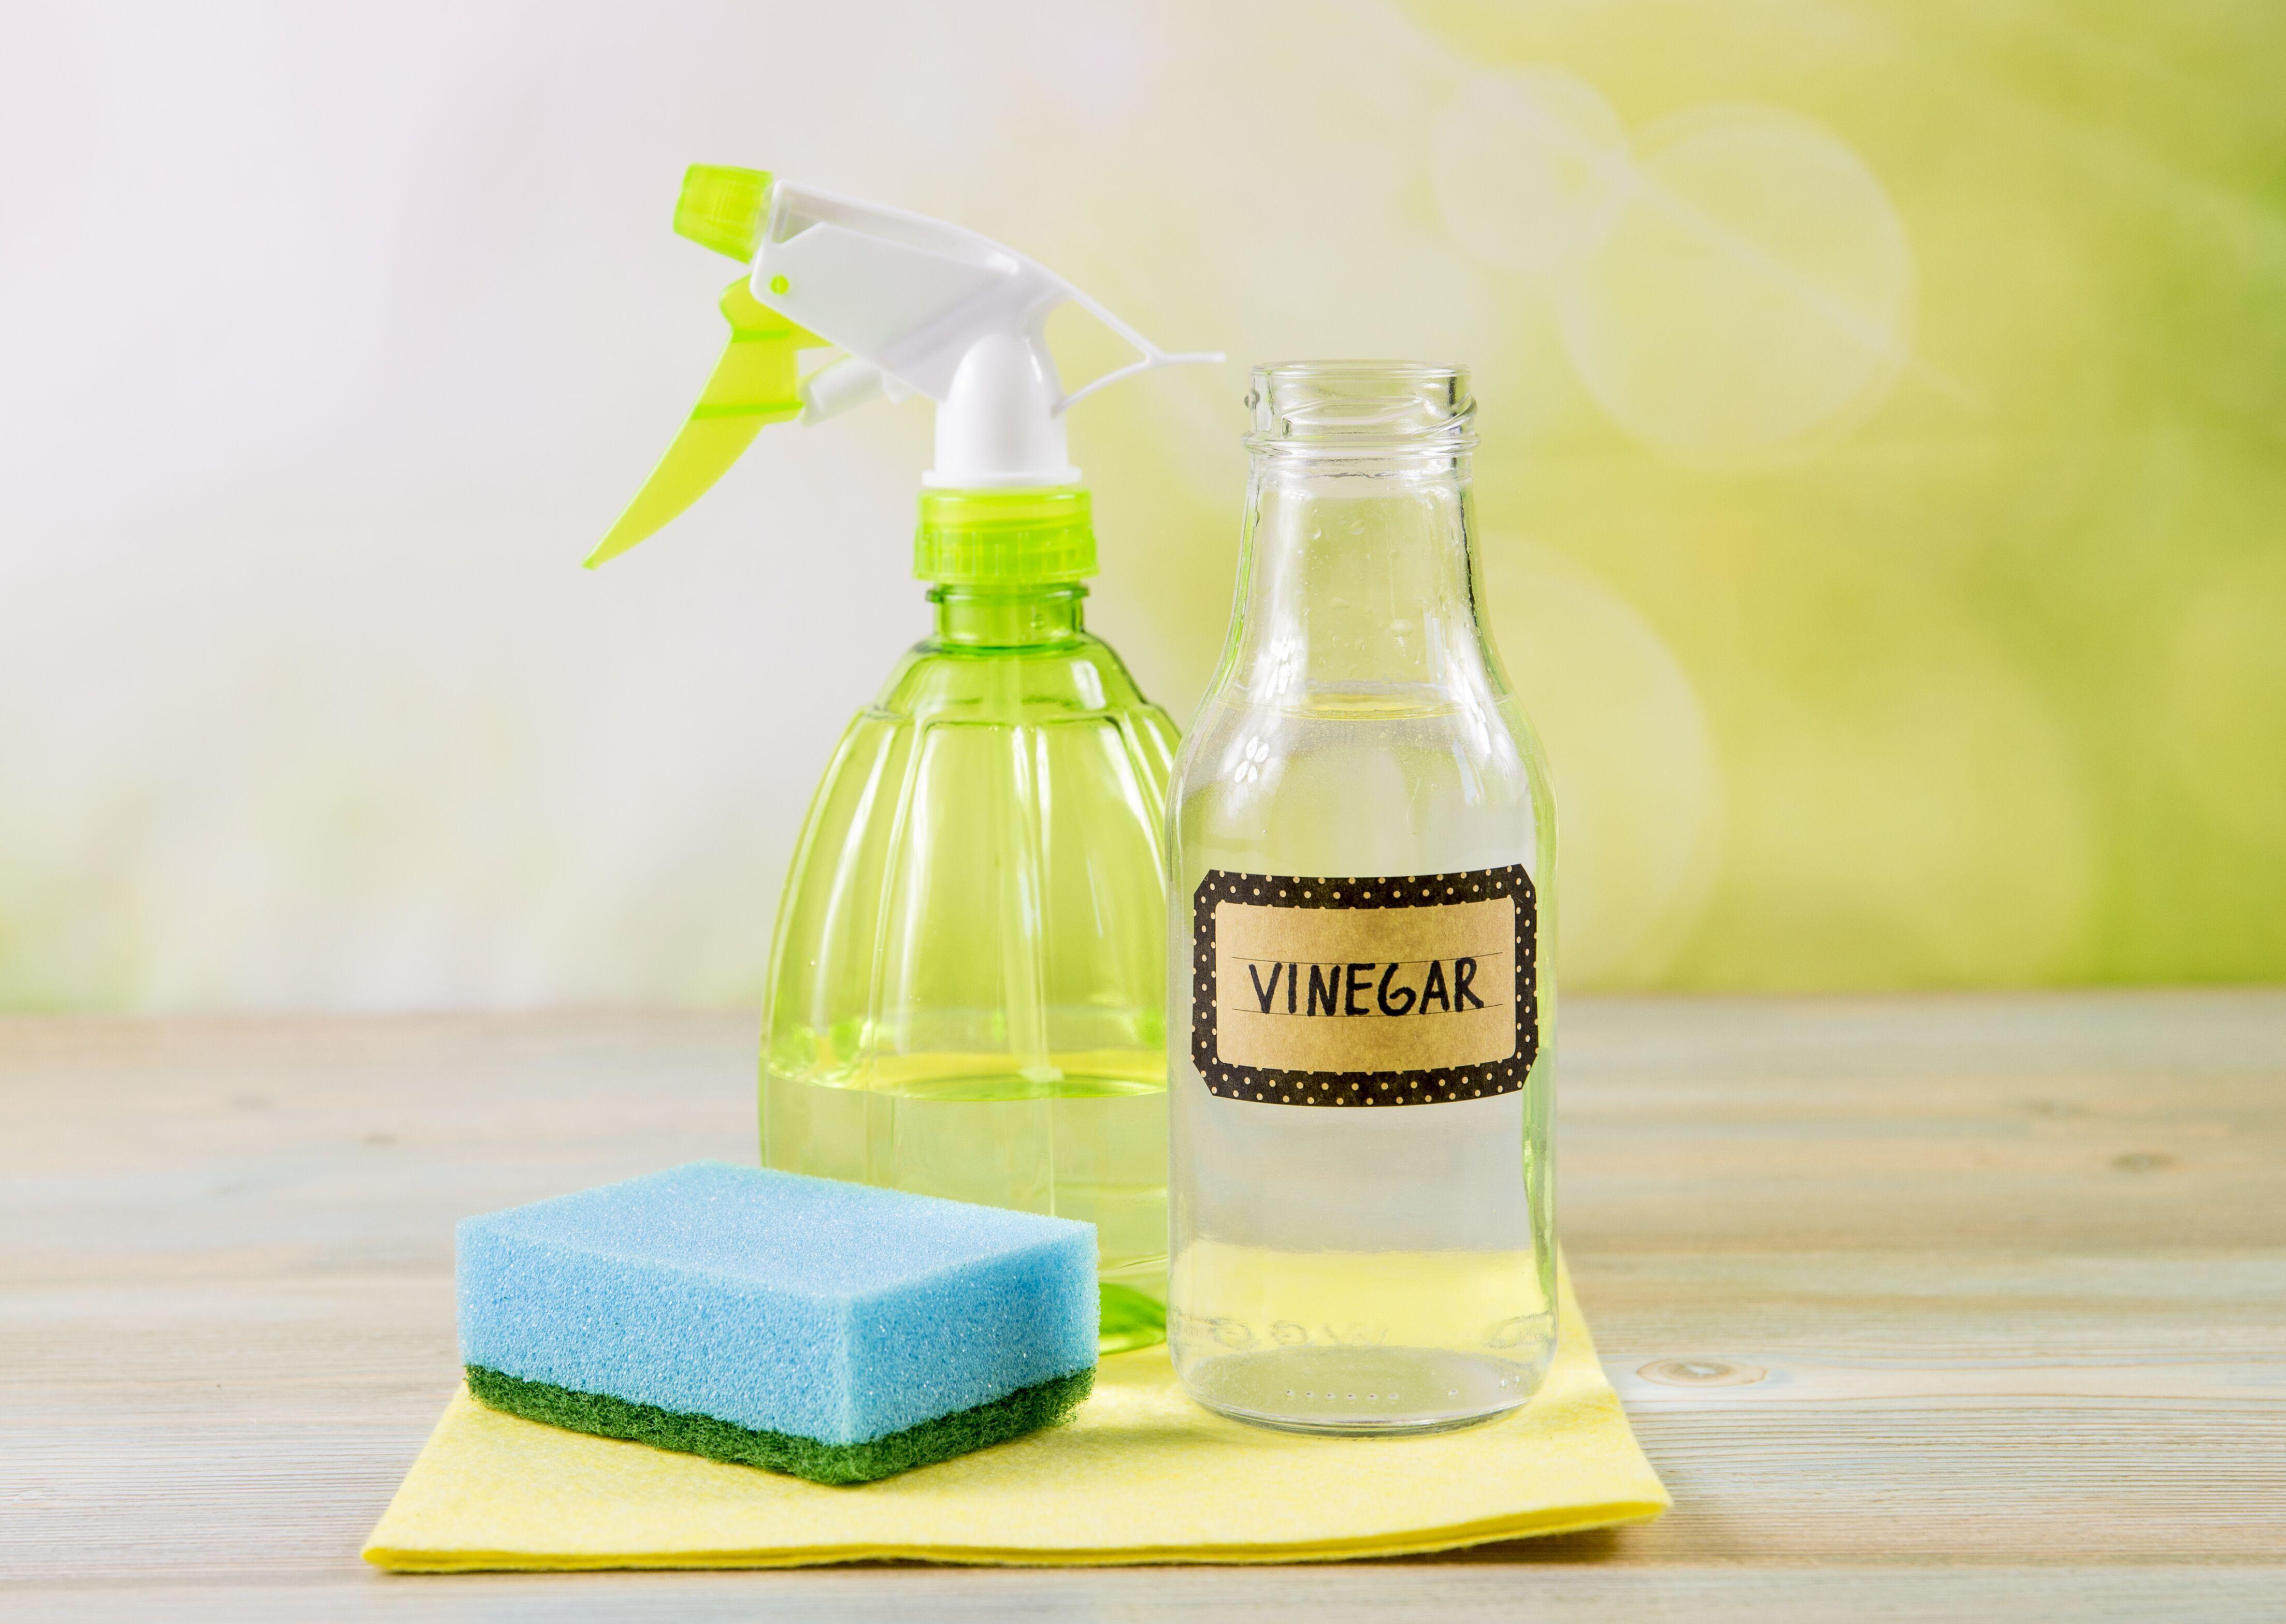 natural-cleaning-supplies.jpeg?mtime=20200220123420#asset:16532